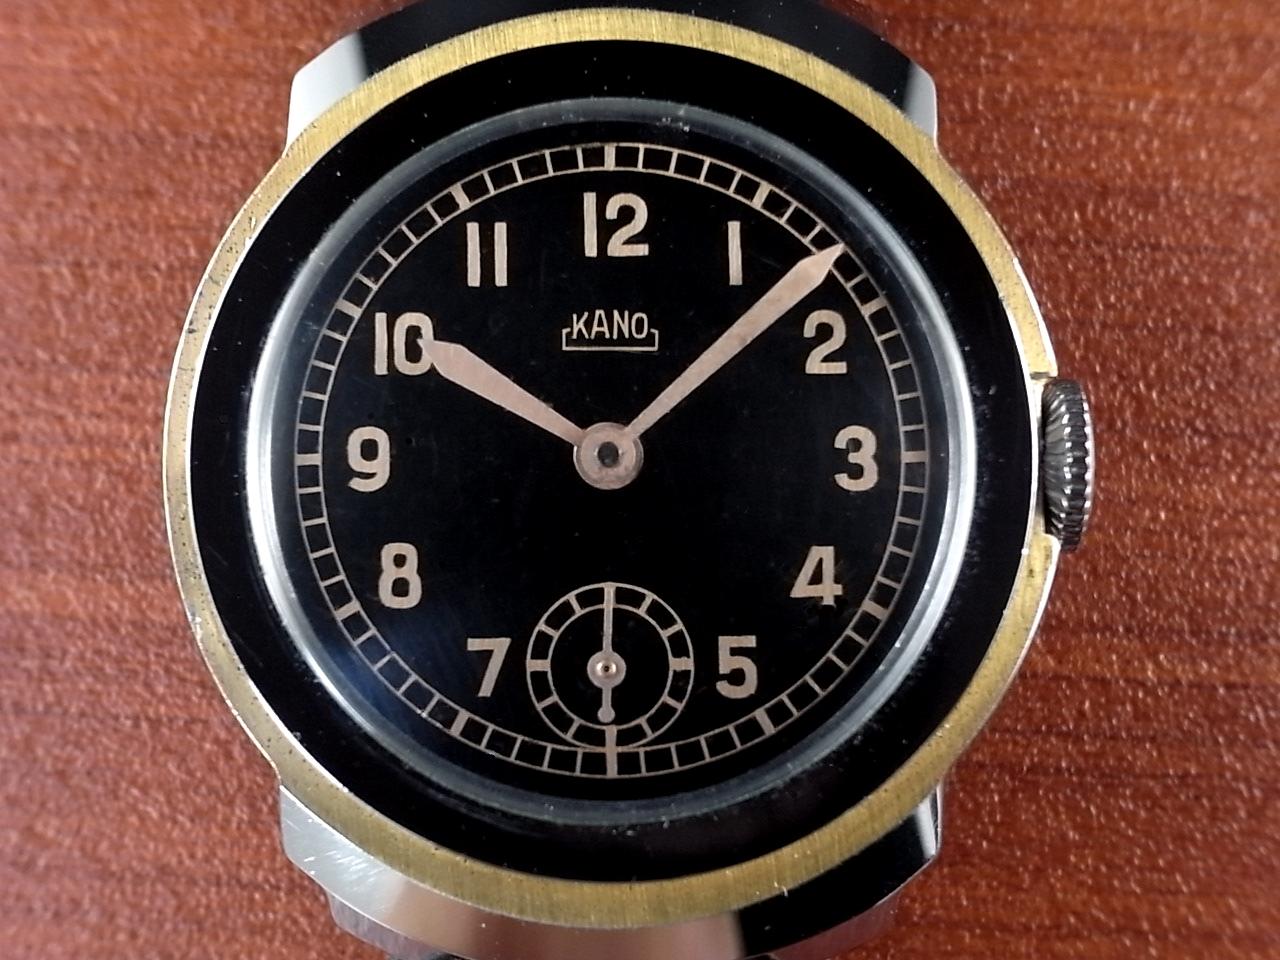 カーノ アールデコ ブラックミラーダイアル N.O.S. ドイツ時計 1930年代の写真2枚目